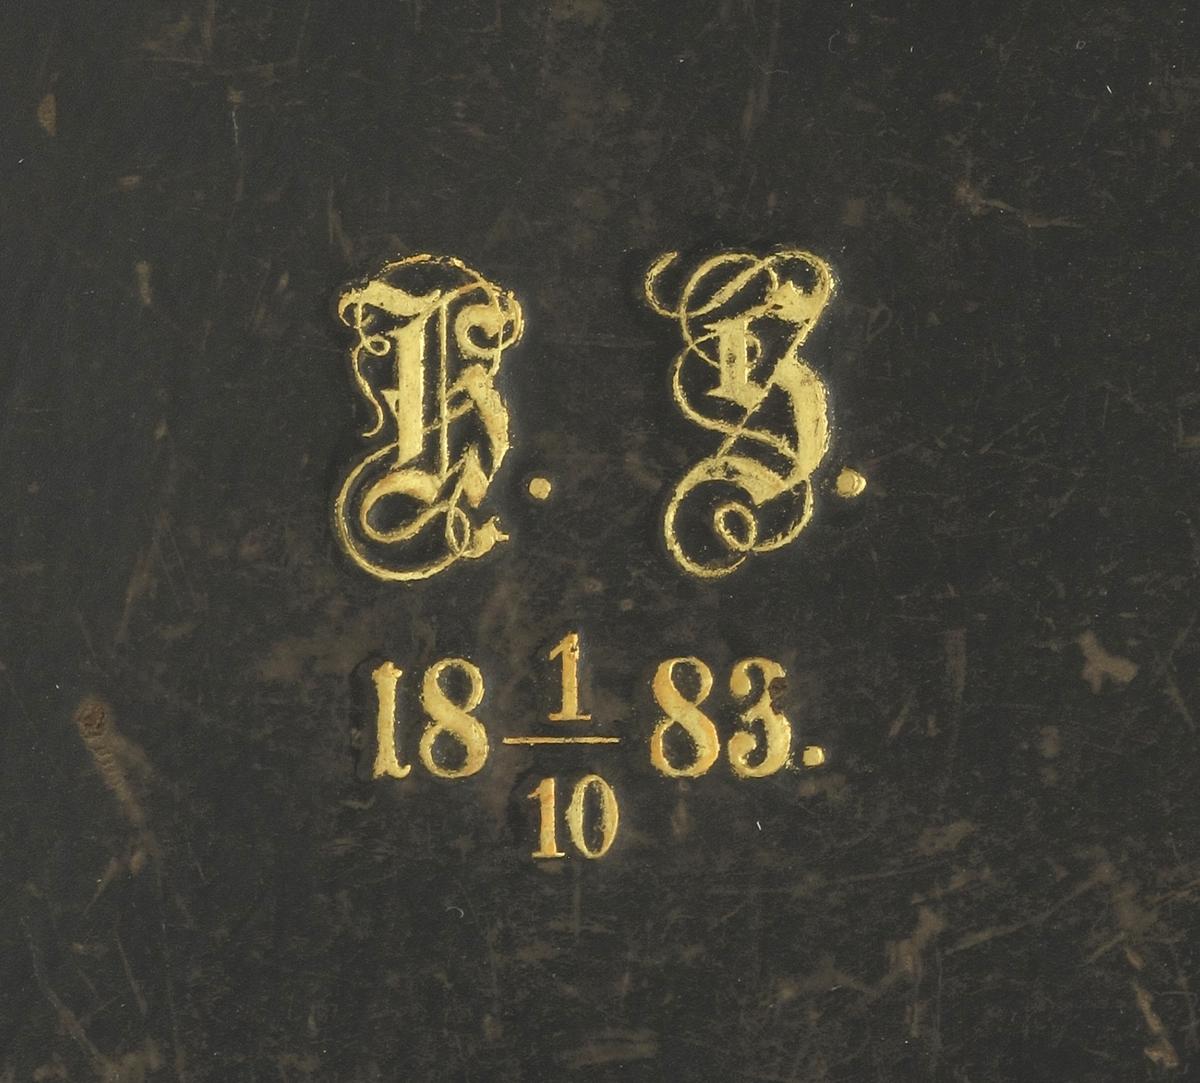 Etui av tre, oversiden trukket med sort skinn, sidene og bunnen med sort papir.  På lokket stemplet: H.S., l/l0 1883. Innvendig trukket med burgunder satin i lokket, stemplet: C. G. Hallberg. Juvelerare. Stockholm. 22  Fredsgatan 22.  I bunnen trukket med burgunder fløyel, plass for oval medaljong i midten, halsbånd rundt. Smykkene mangler.